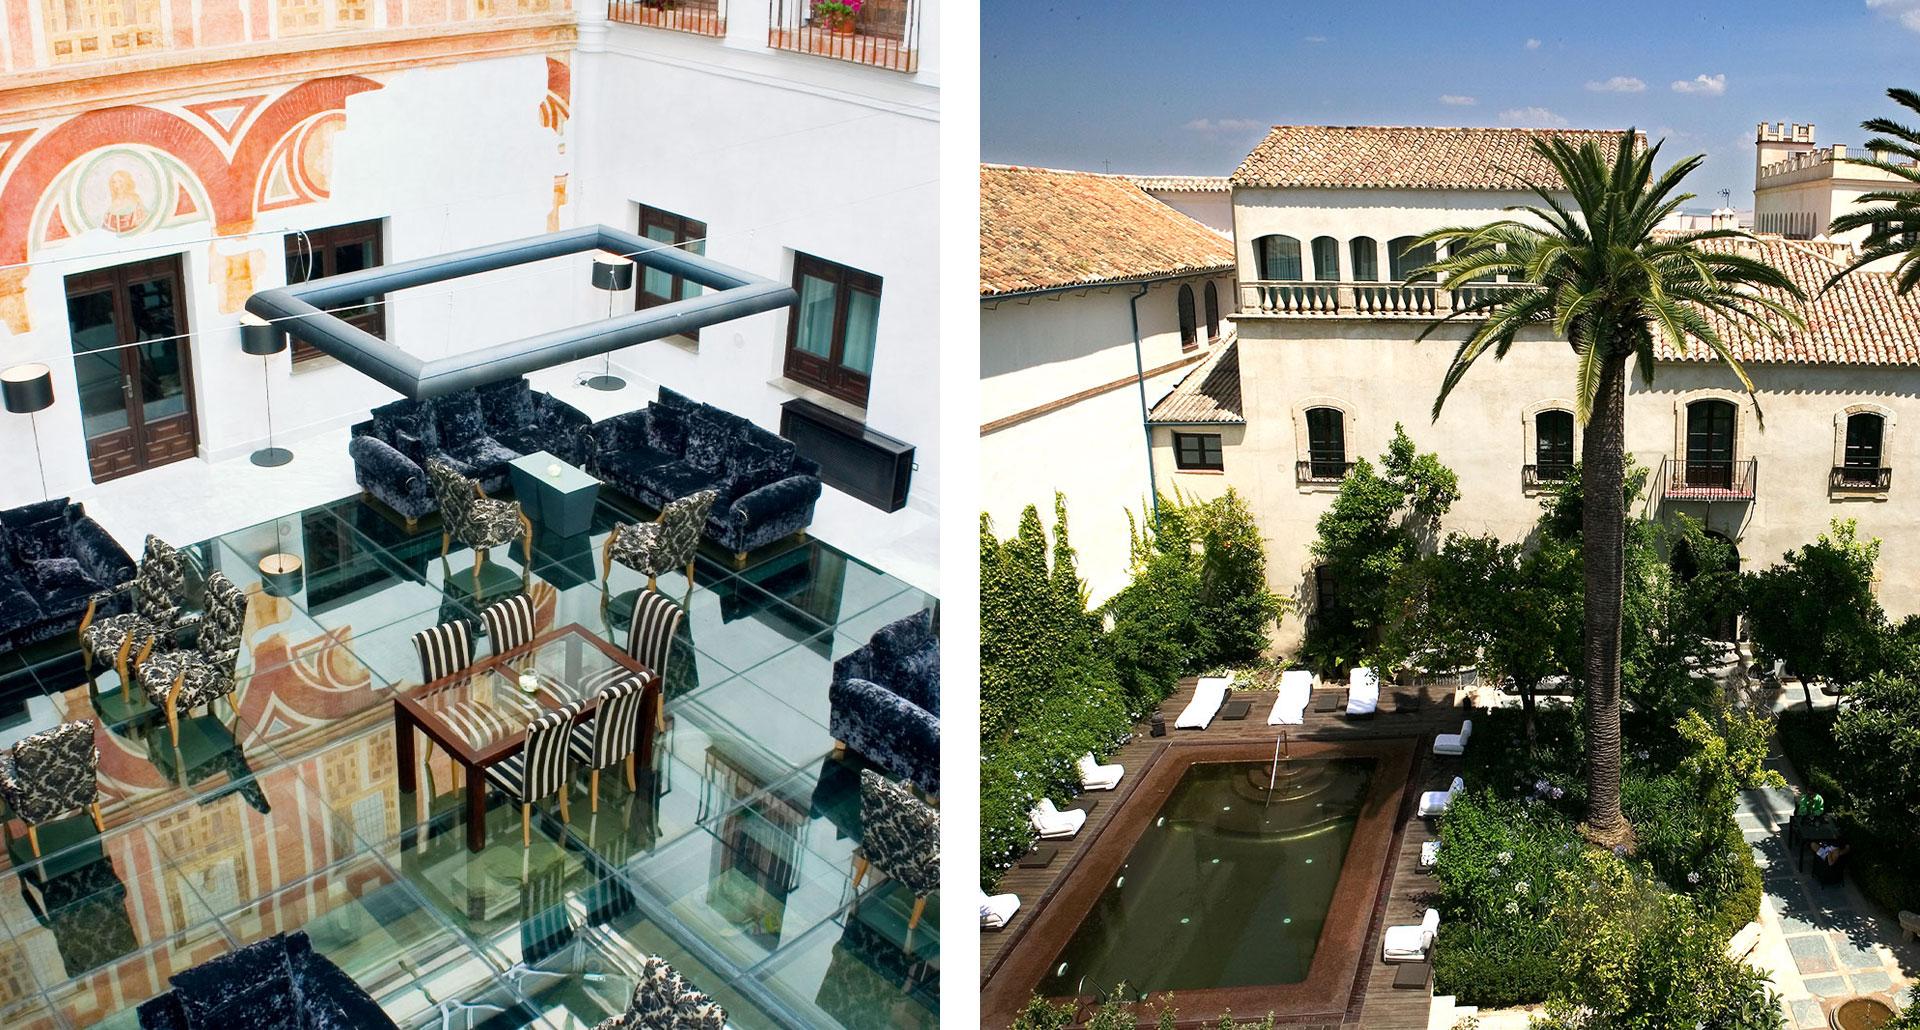 Hospes Palacio Del Bailio - boutique hotel in Cordoba